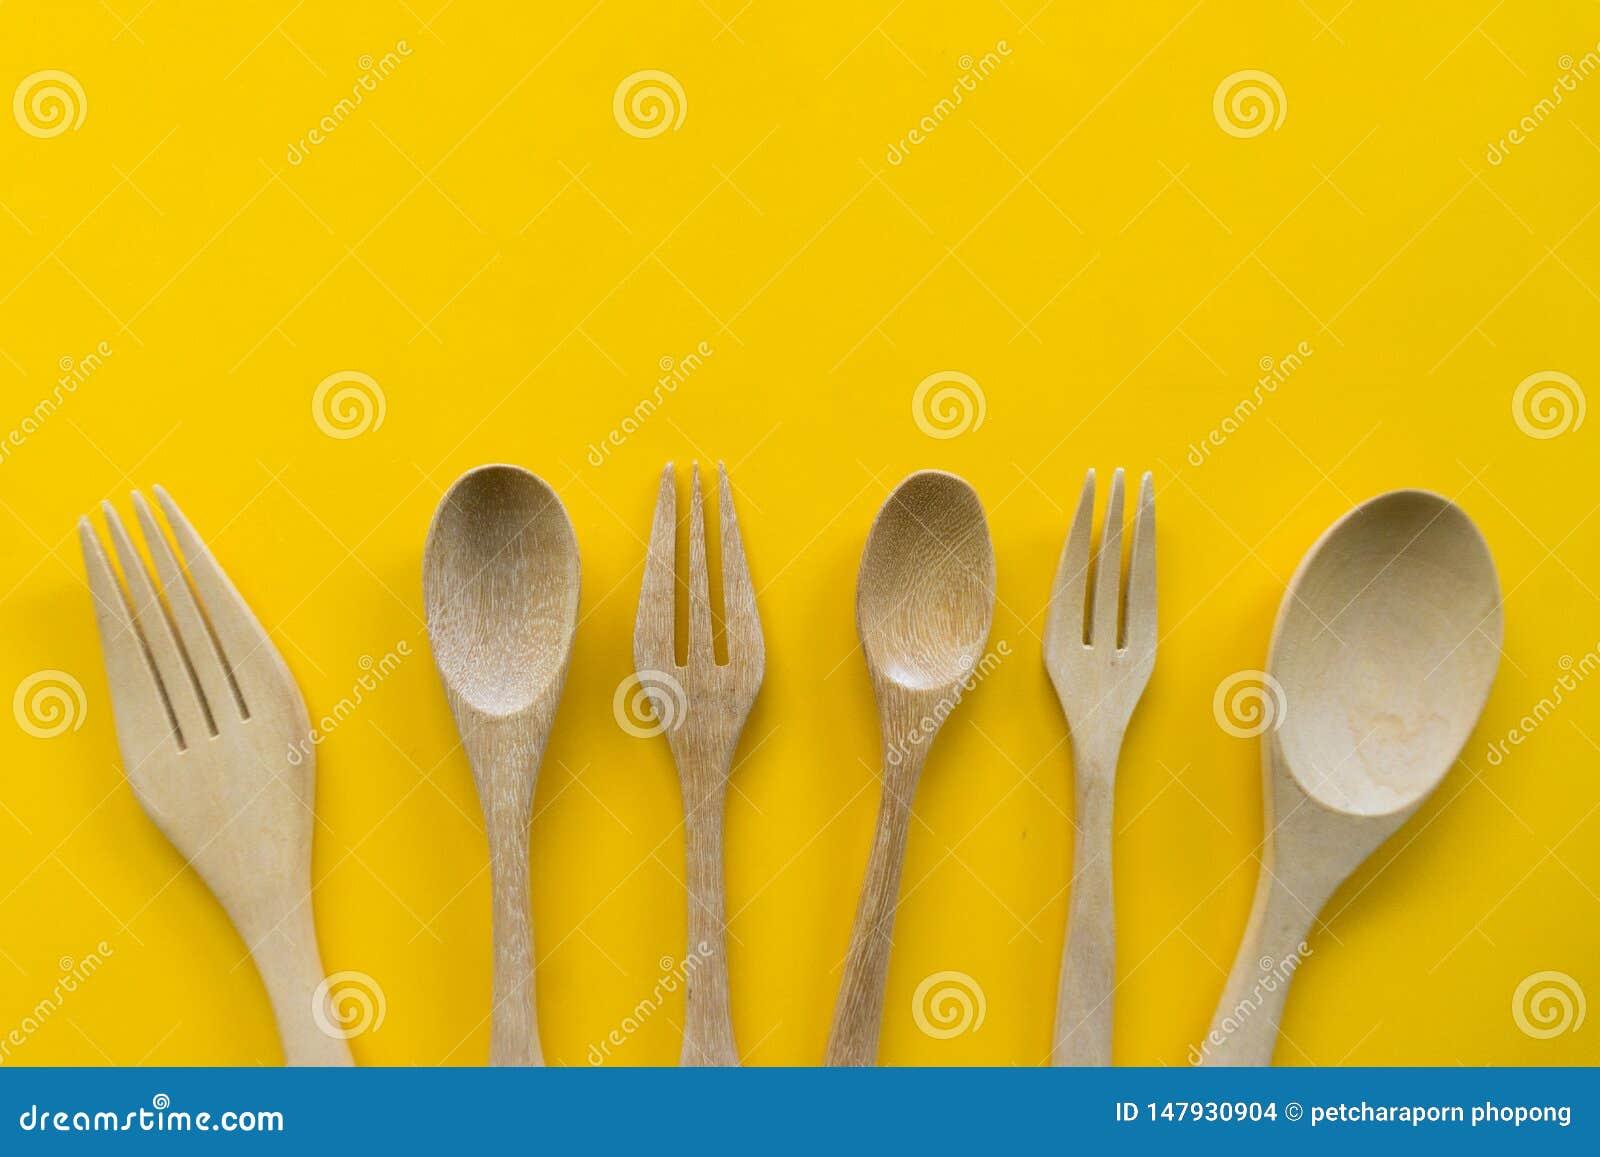 Ajuste da forquilha, da colher e da madeira do prato com fundo amarelo